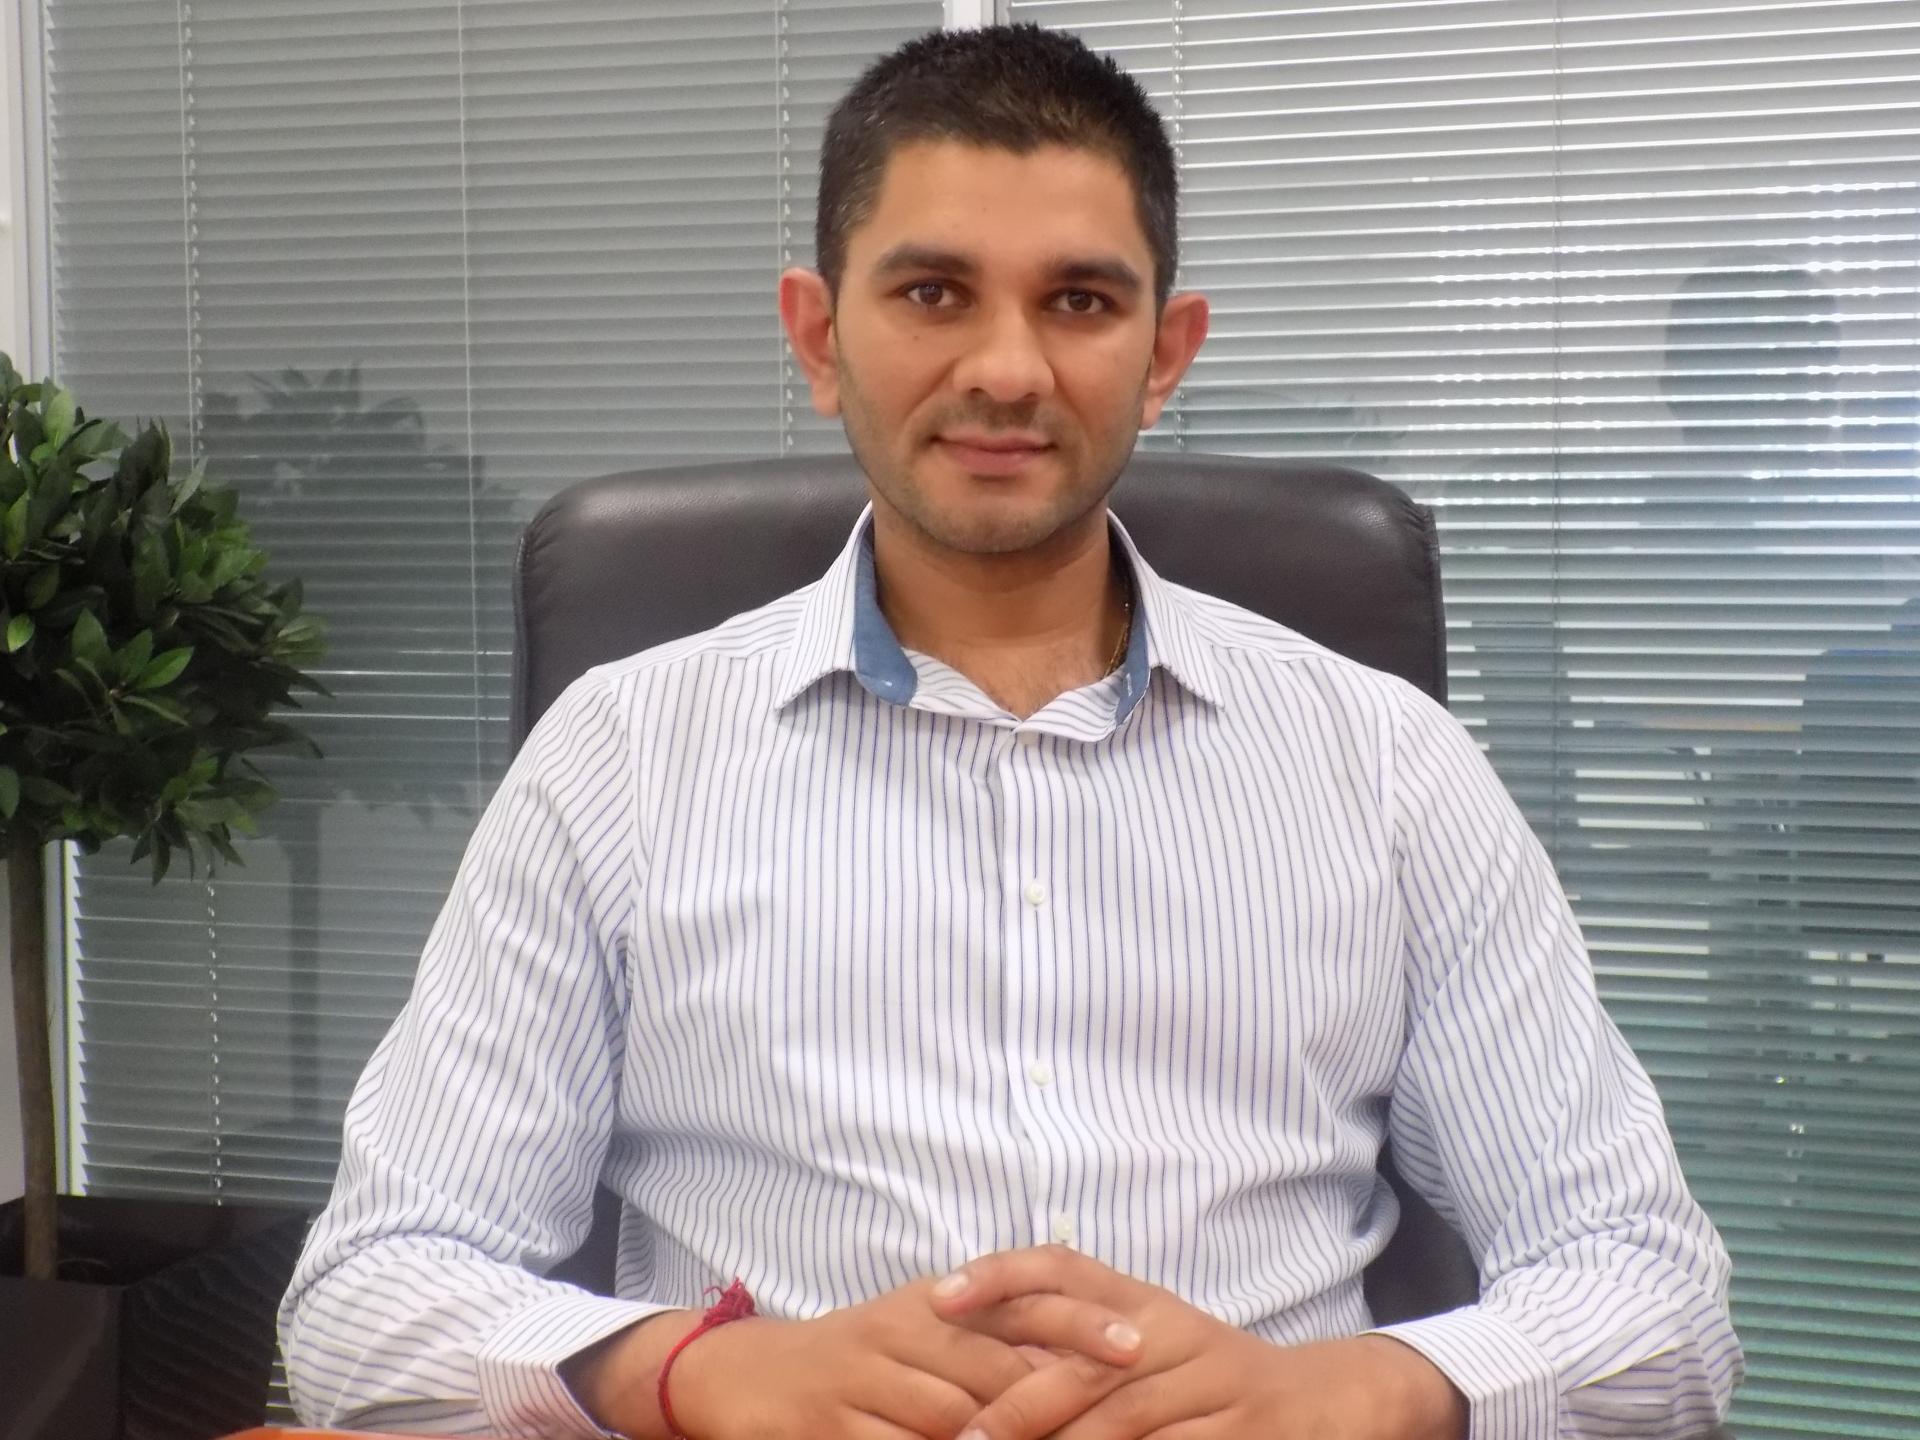 Chetan Varsani